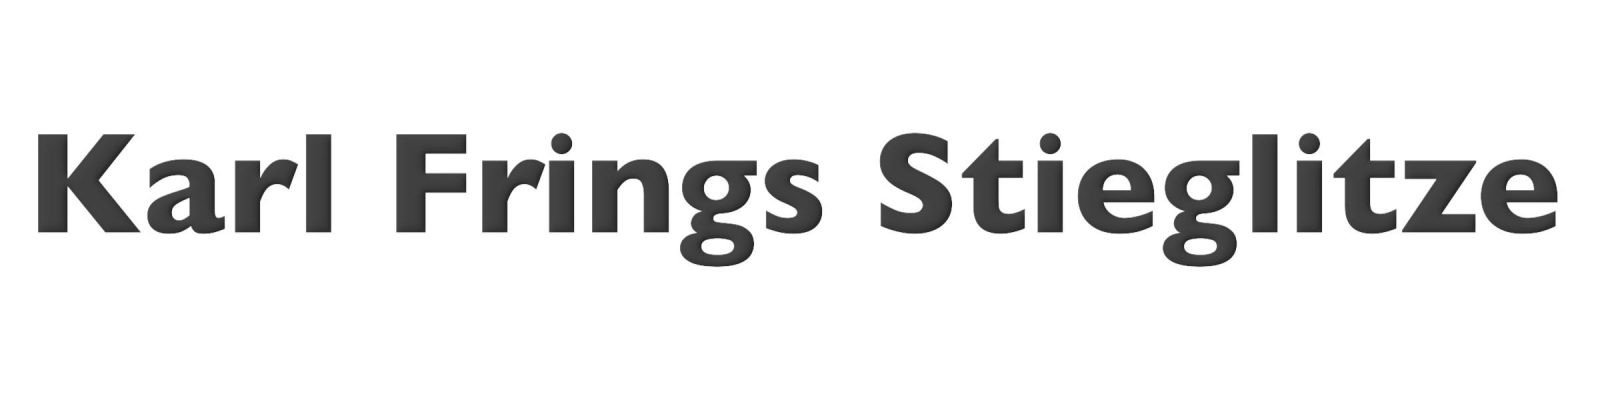 Karl Frings Stieglitze